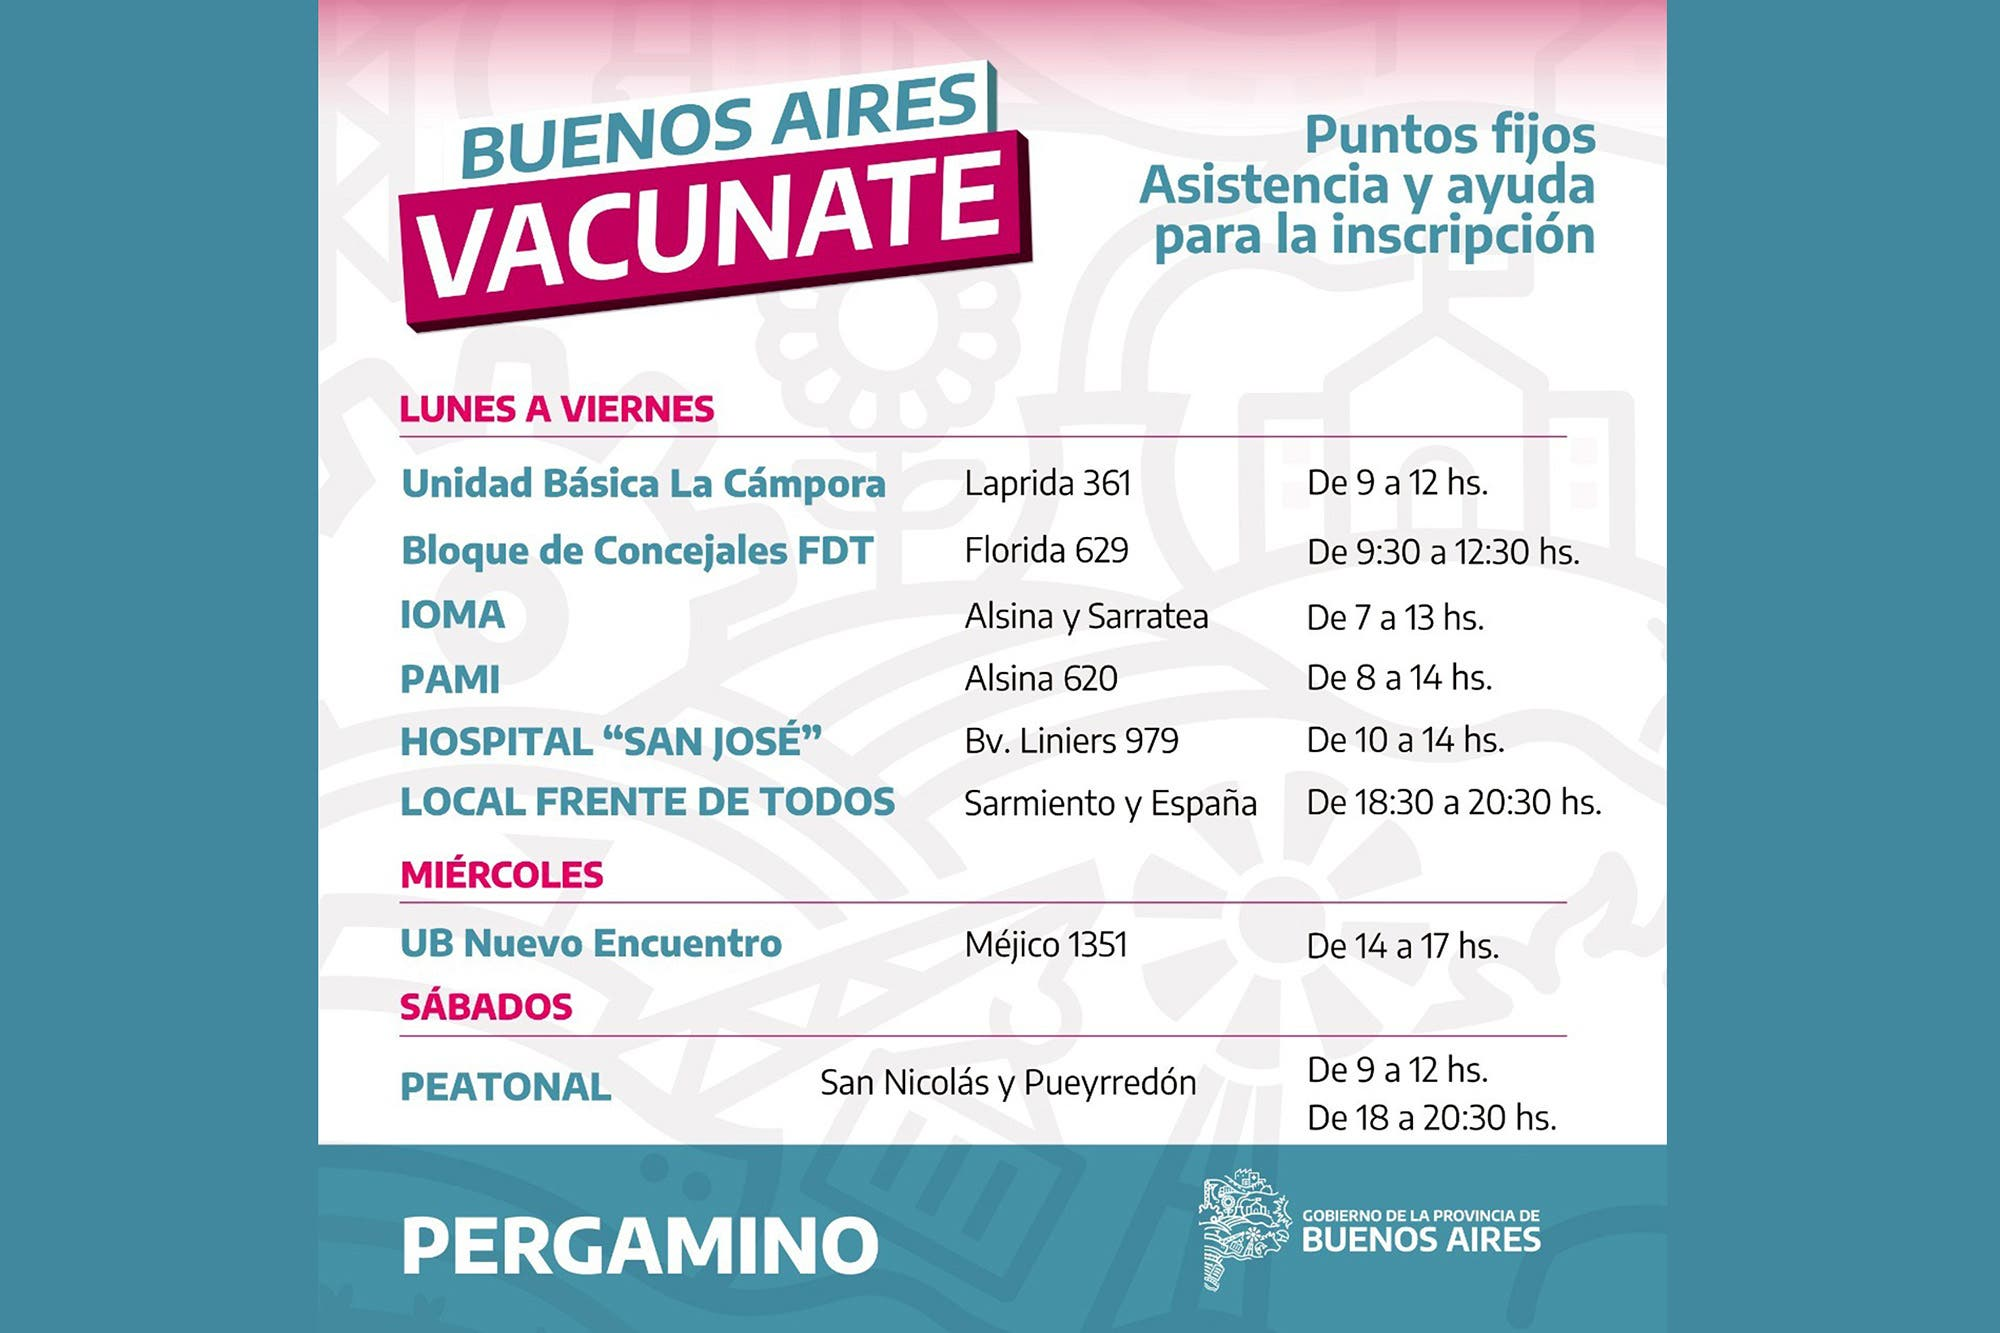 Vacunación: duras críticas por el uso de unidades básicas de La Cámpora y el PJ en el operativo de inscripción